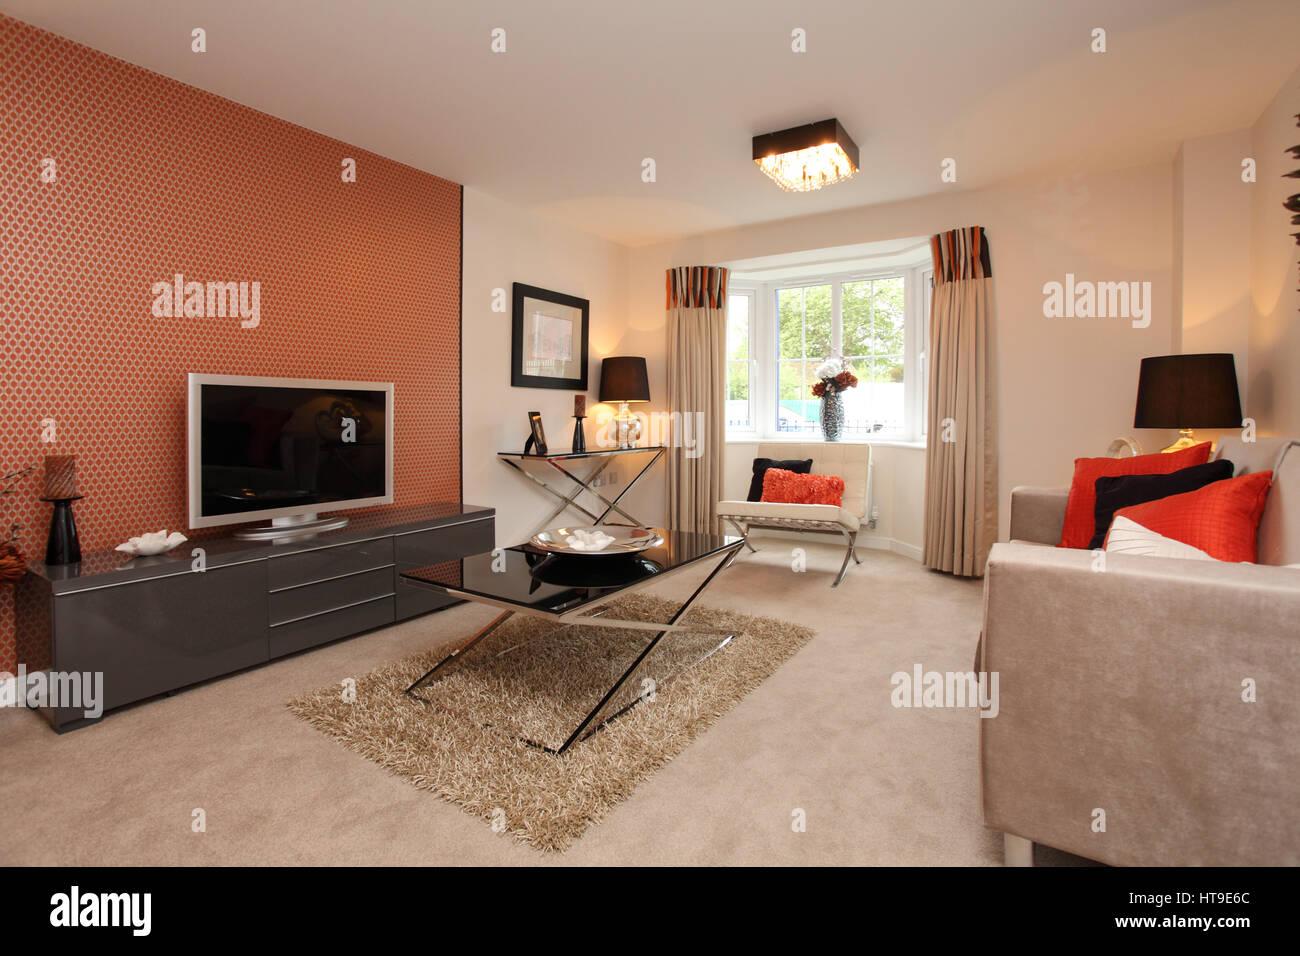 Beige Chair Stockfotos & Beige Chair Bilder - Alamy